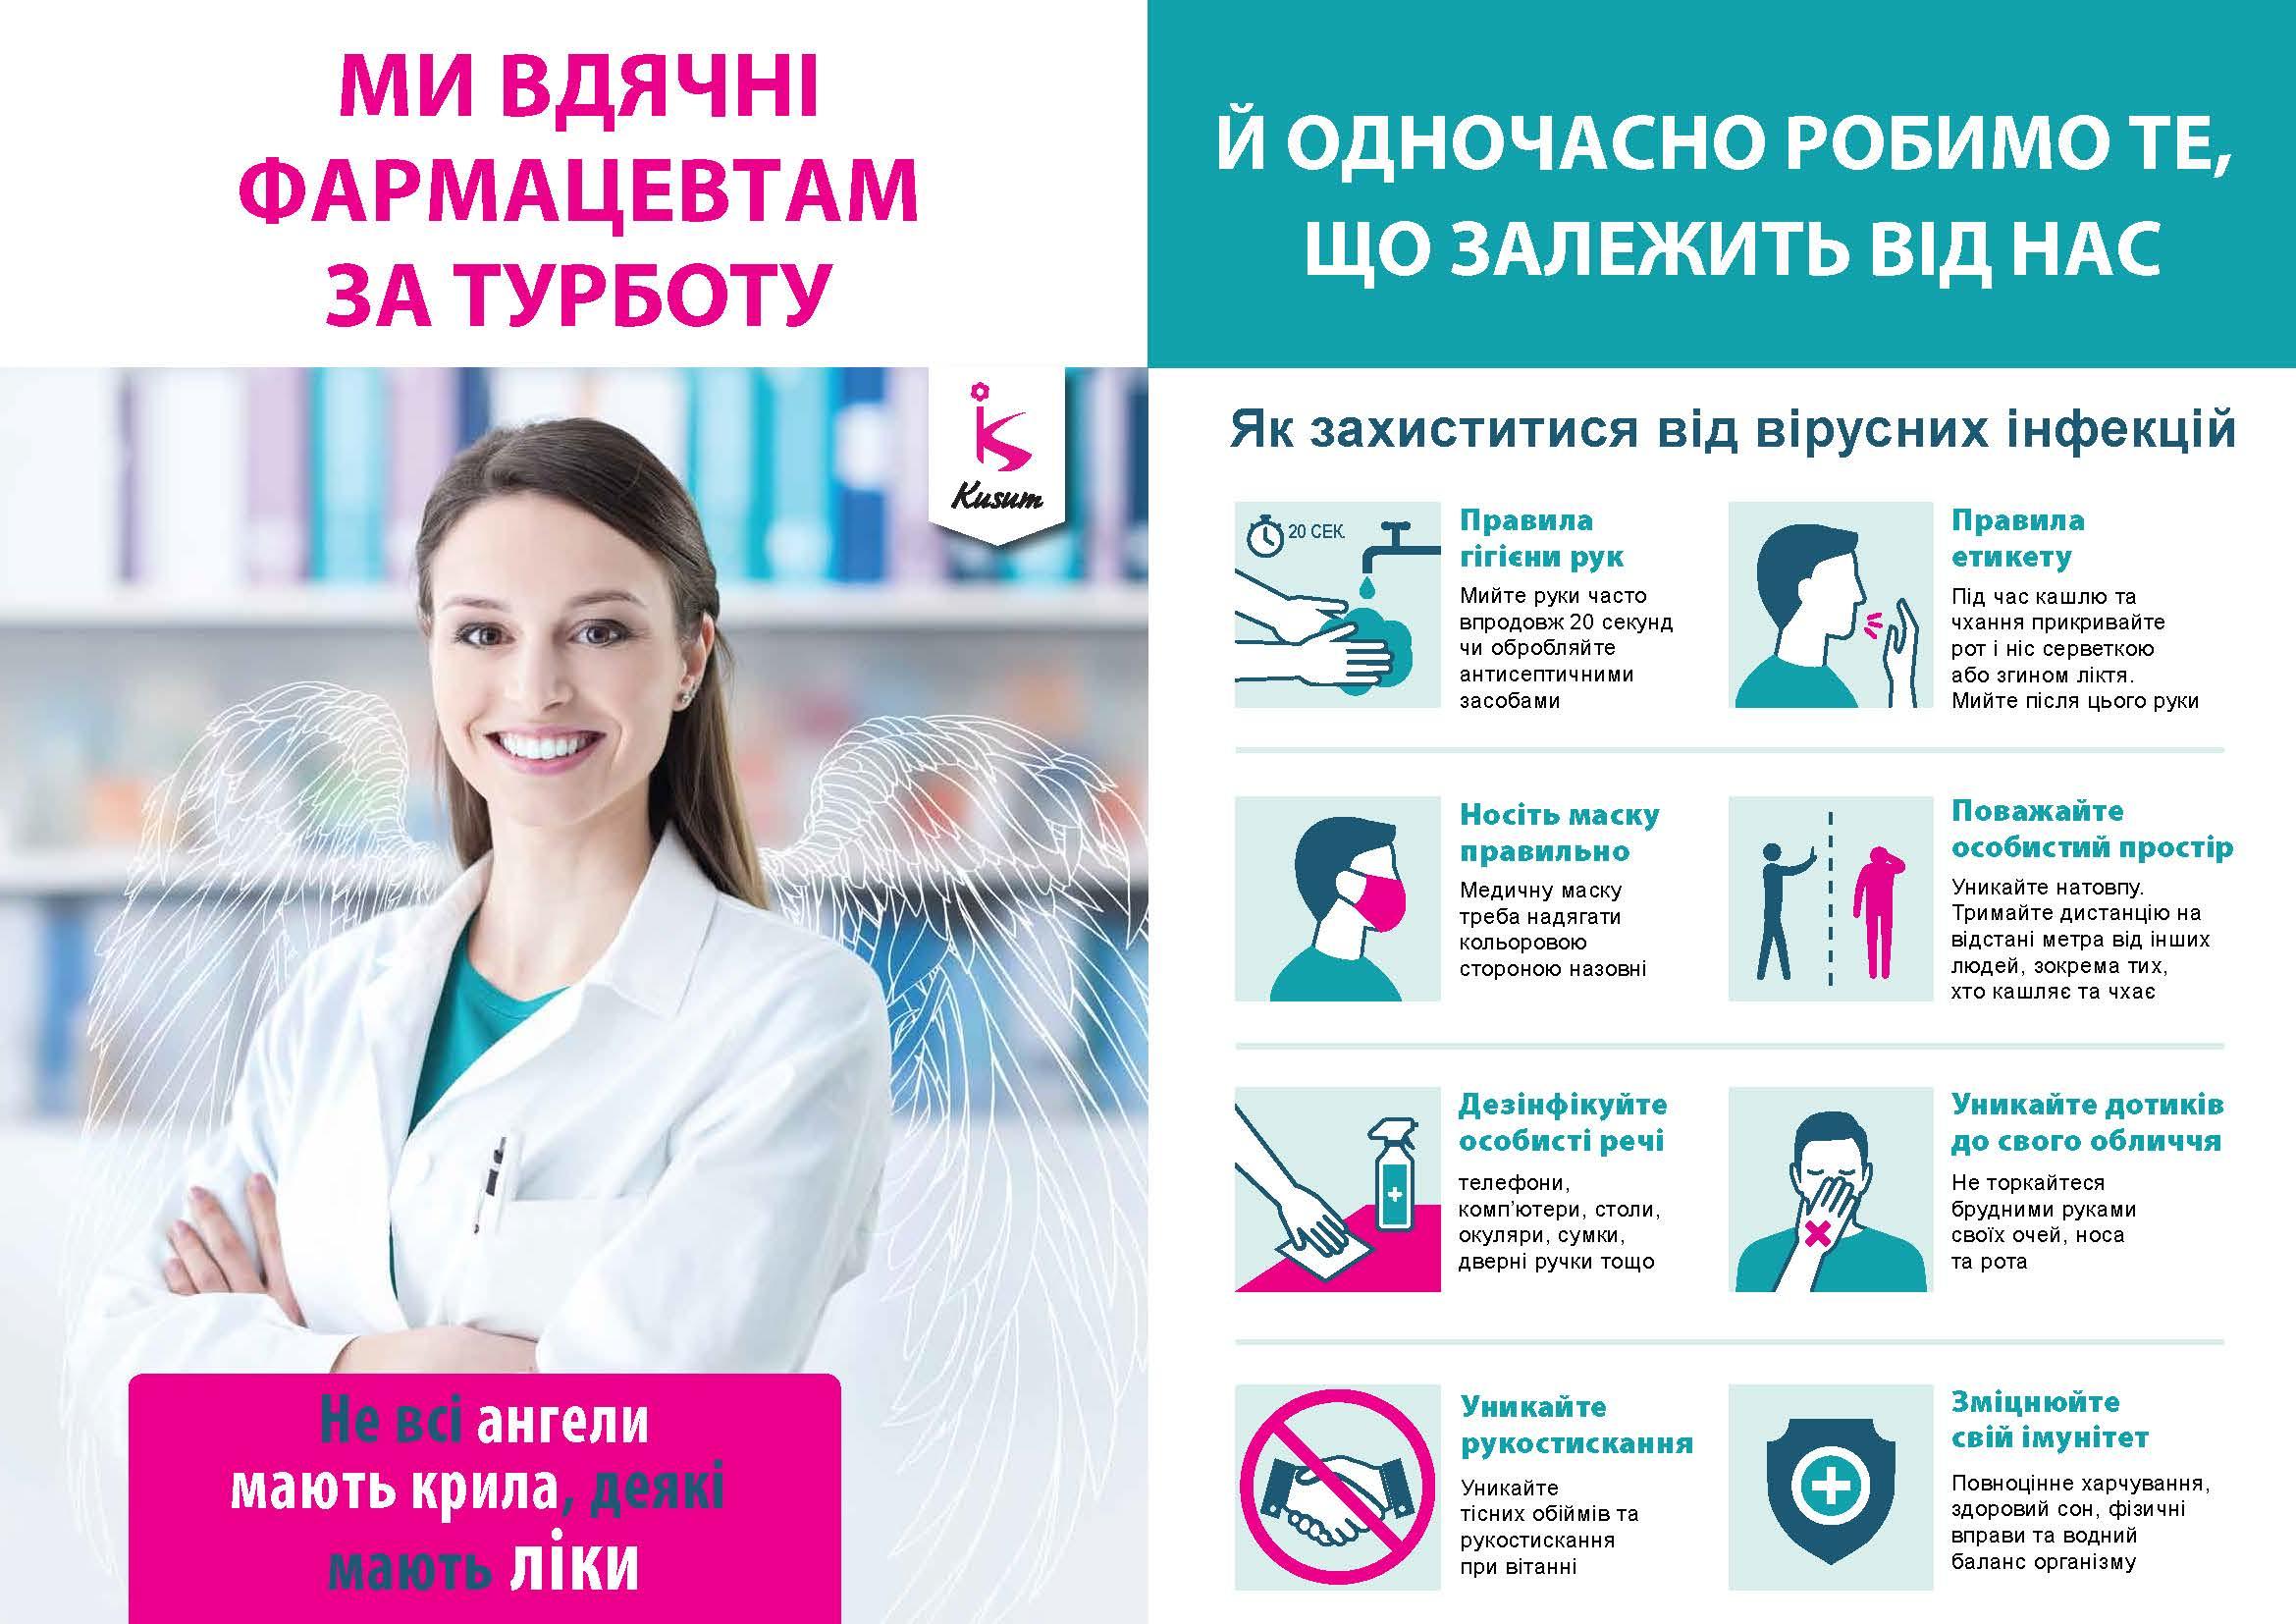 Зберігайте спокій та дотримуйтесь простих рекомендацій, аби убезпечити себе від вірусних інфекцій.